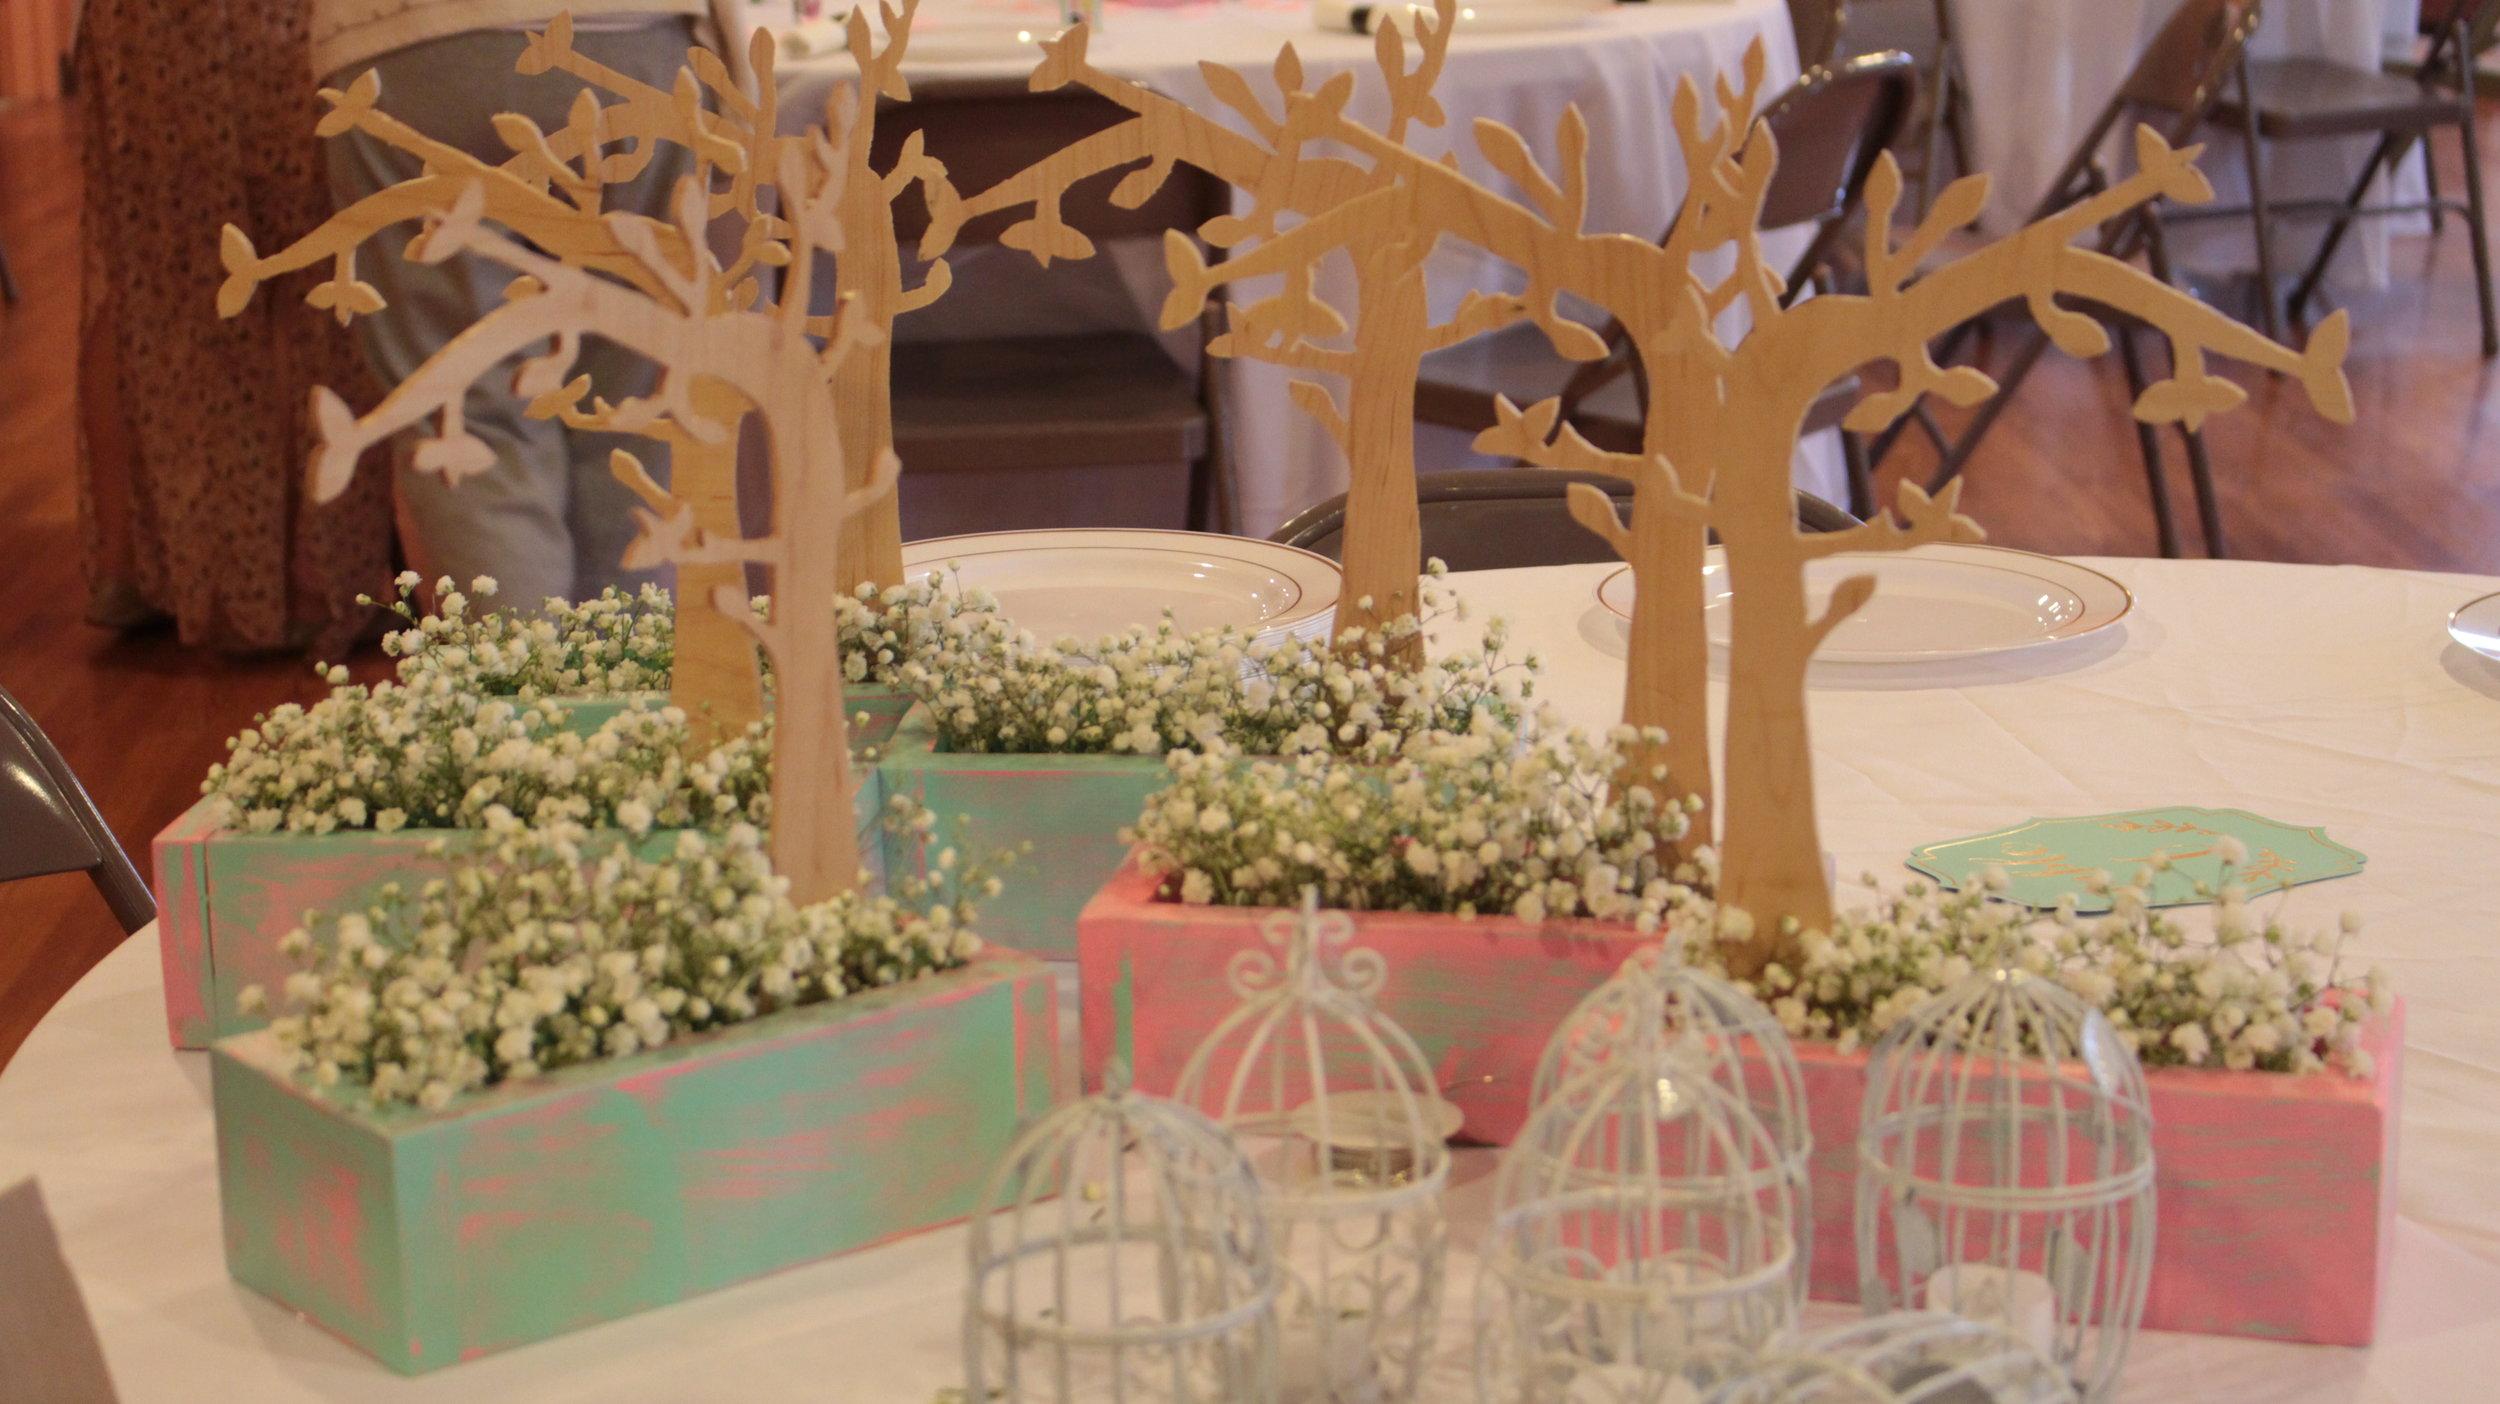 Wedding Centerpieces78.JPG